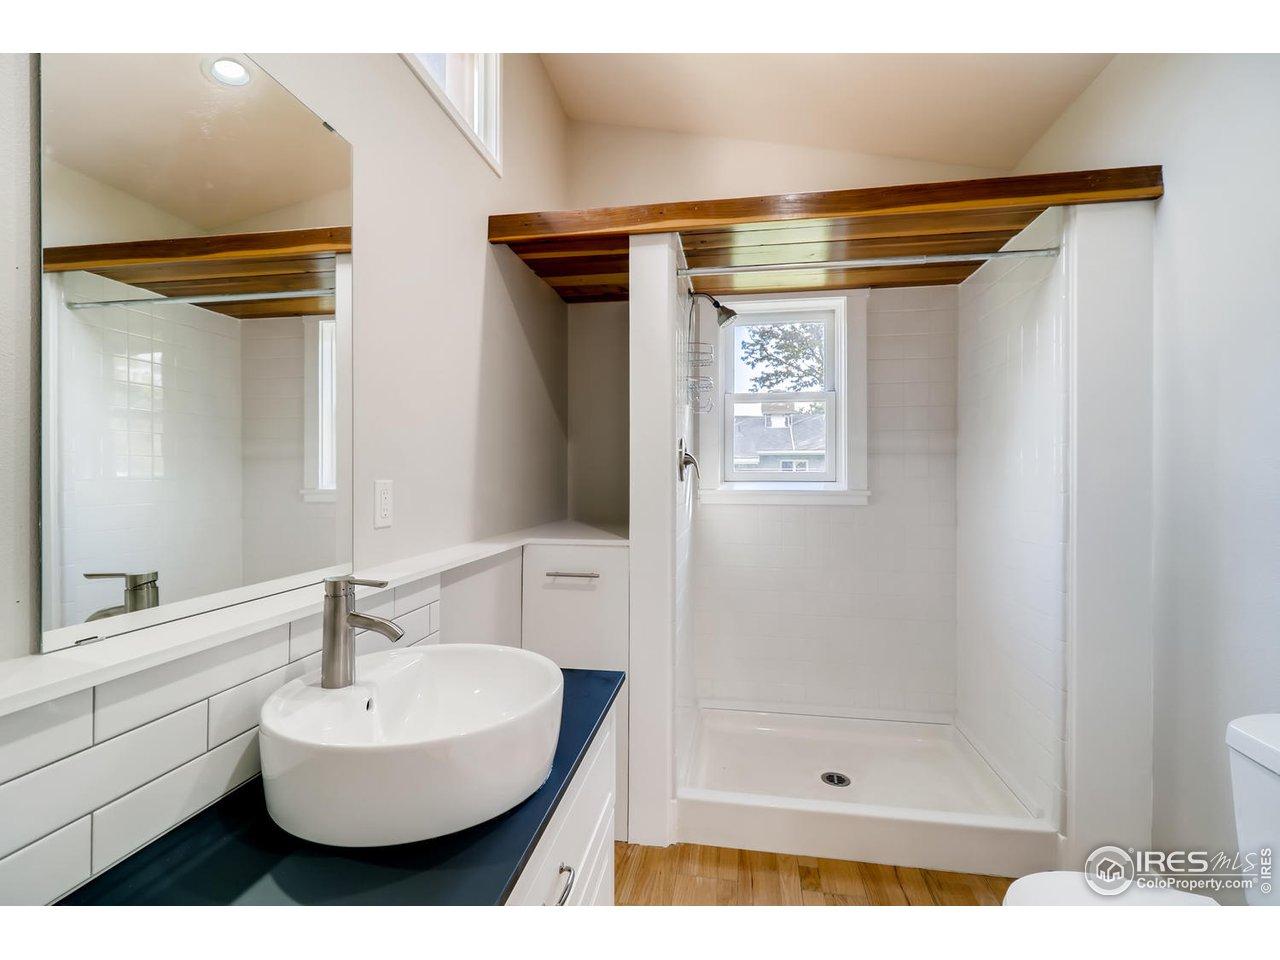 Backyard studio newly updated 3/4 bathroom